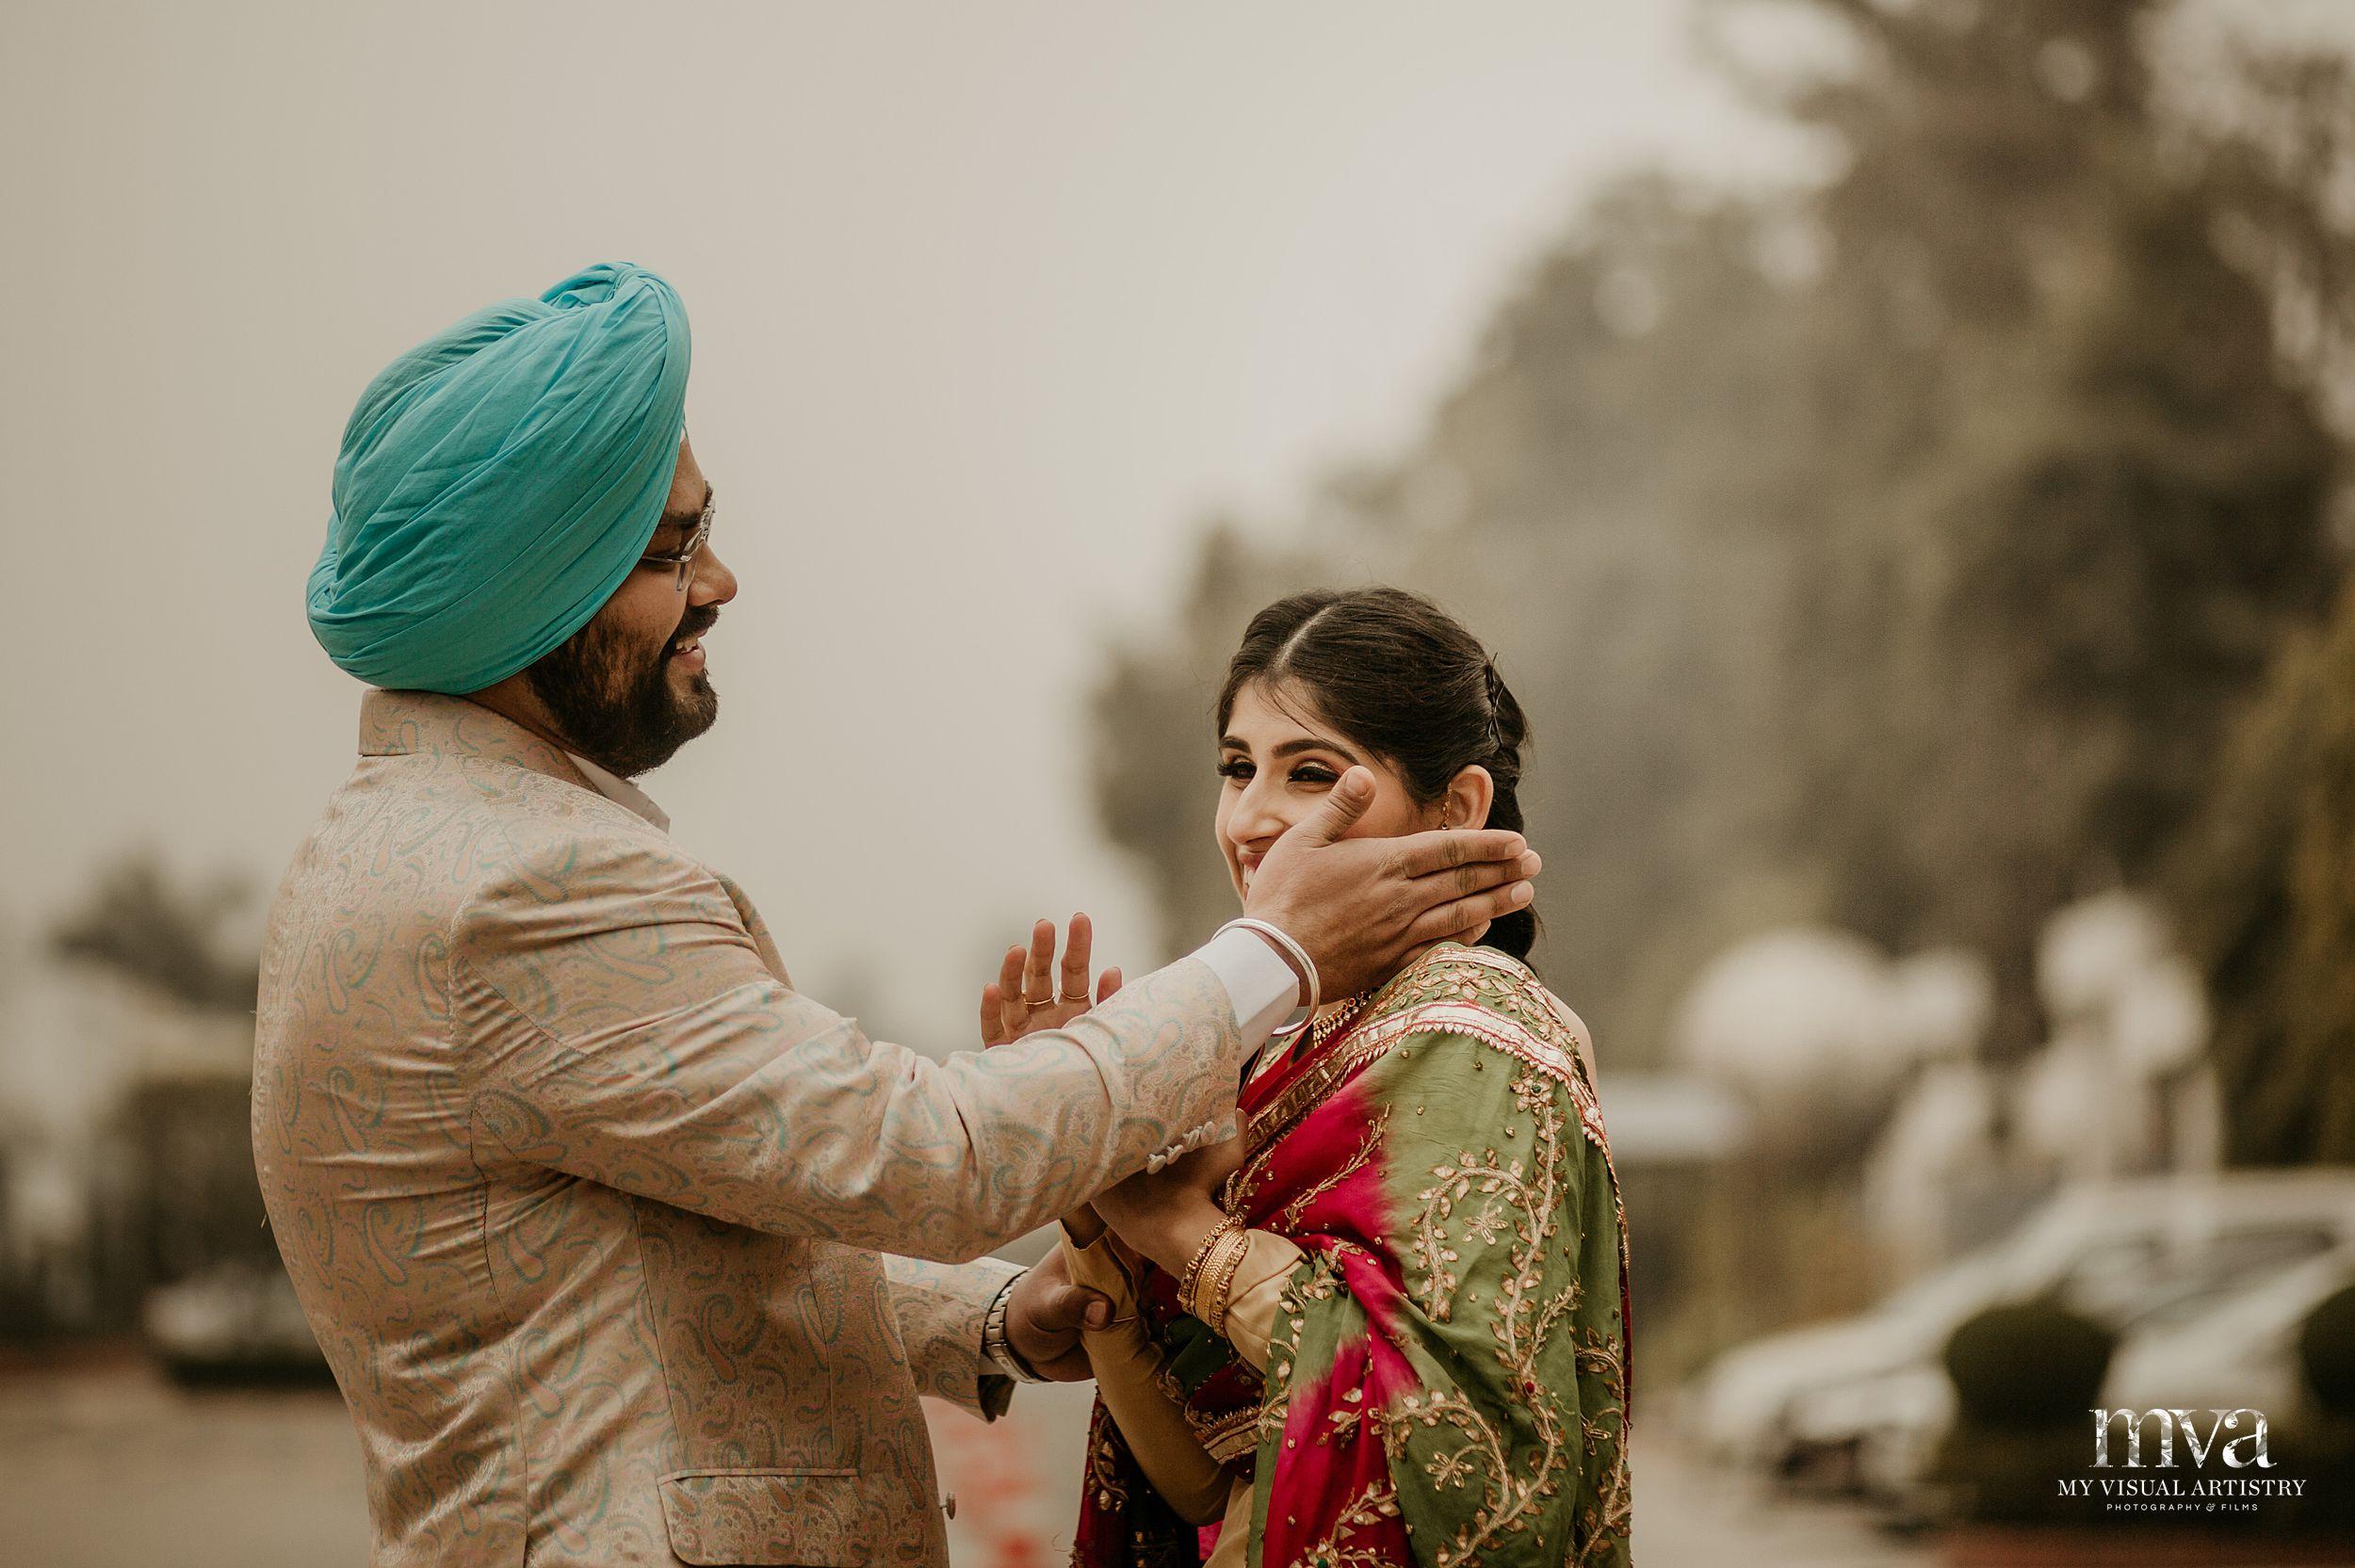 anant_arundhati_myvisualartistry_mva_wedding_sikh_ - 054.jpg